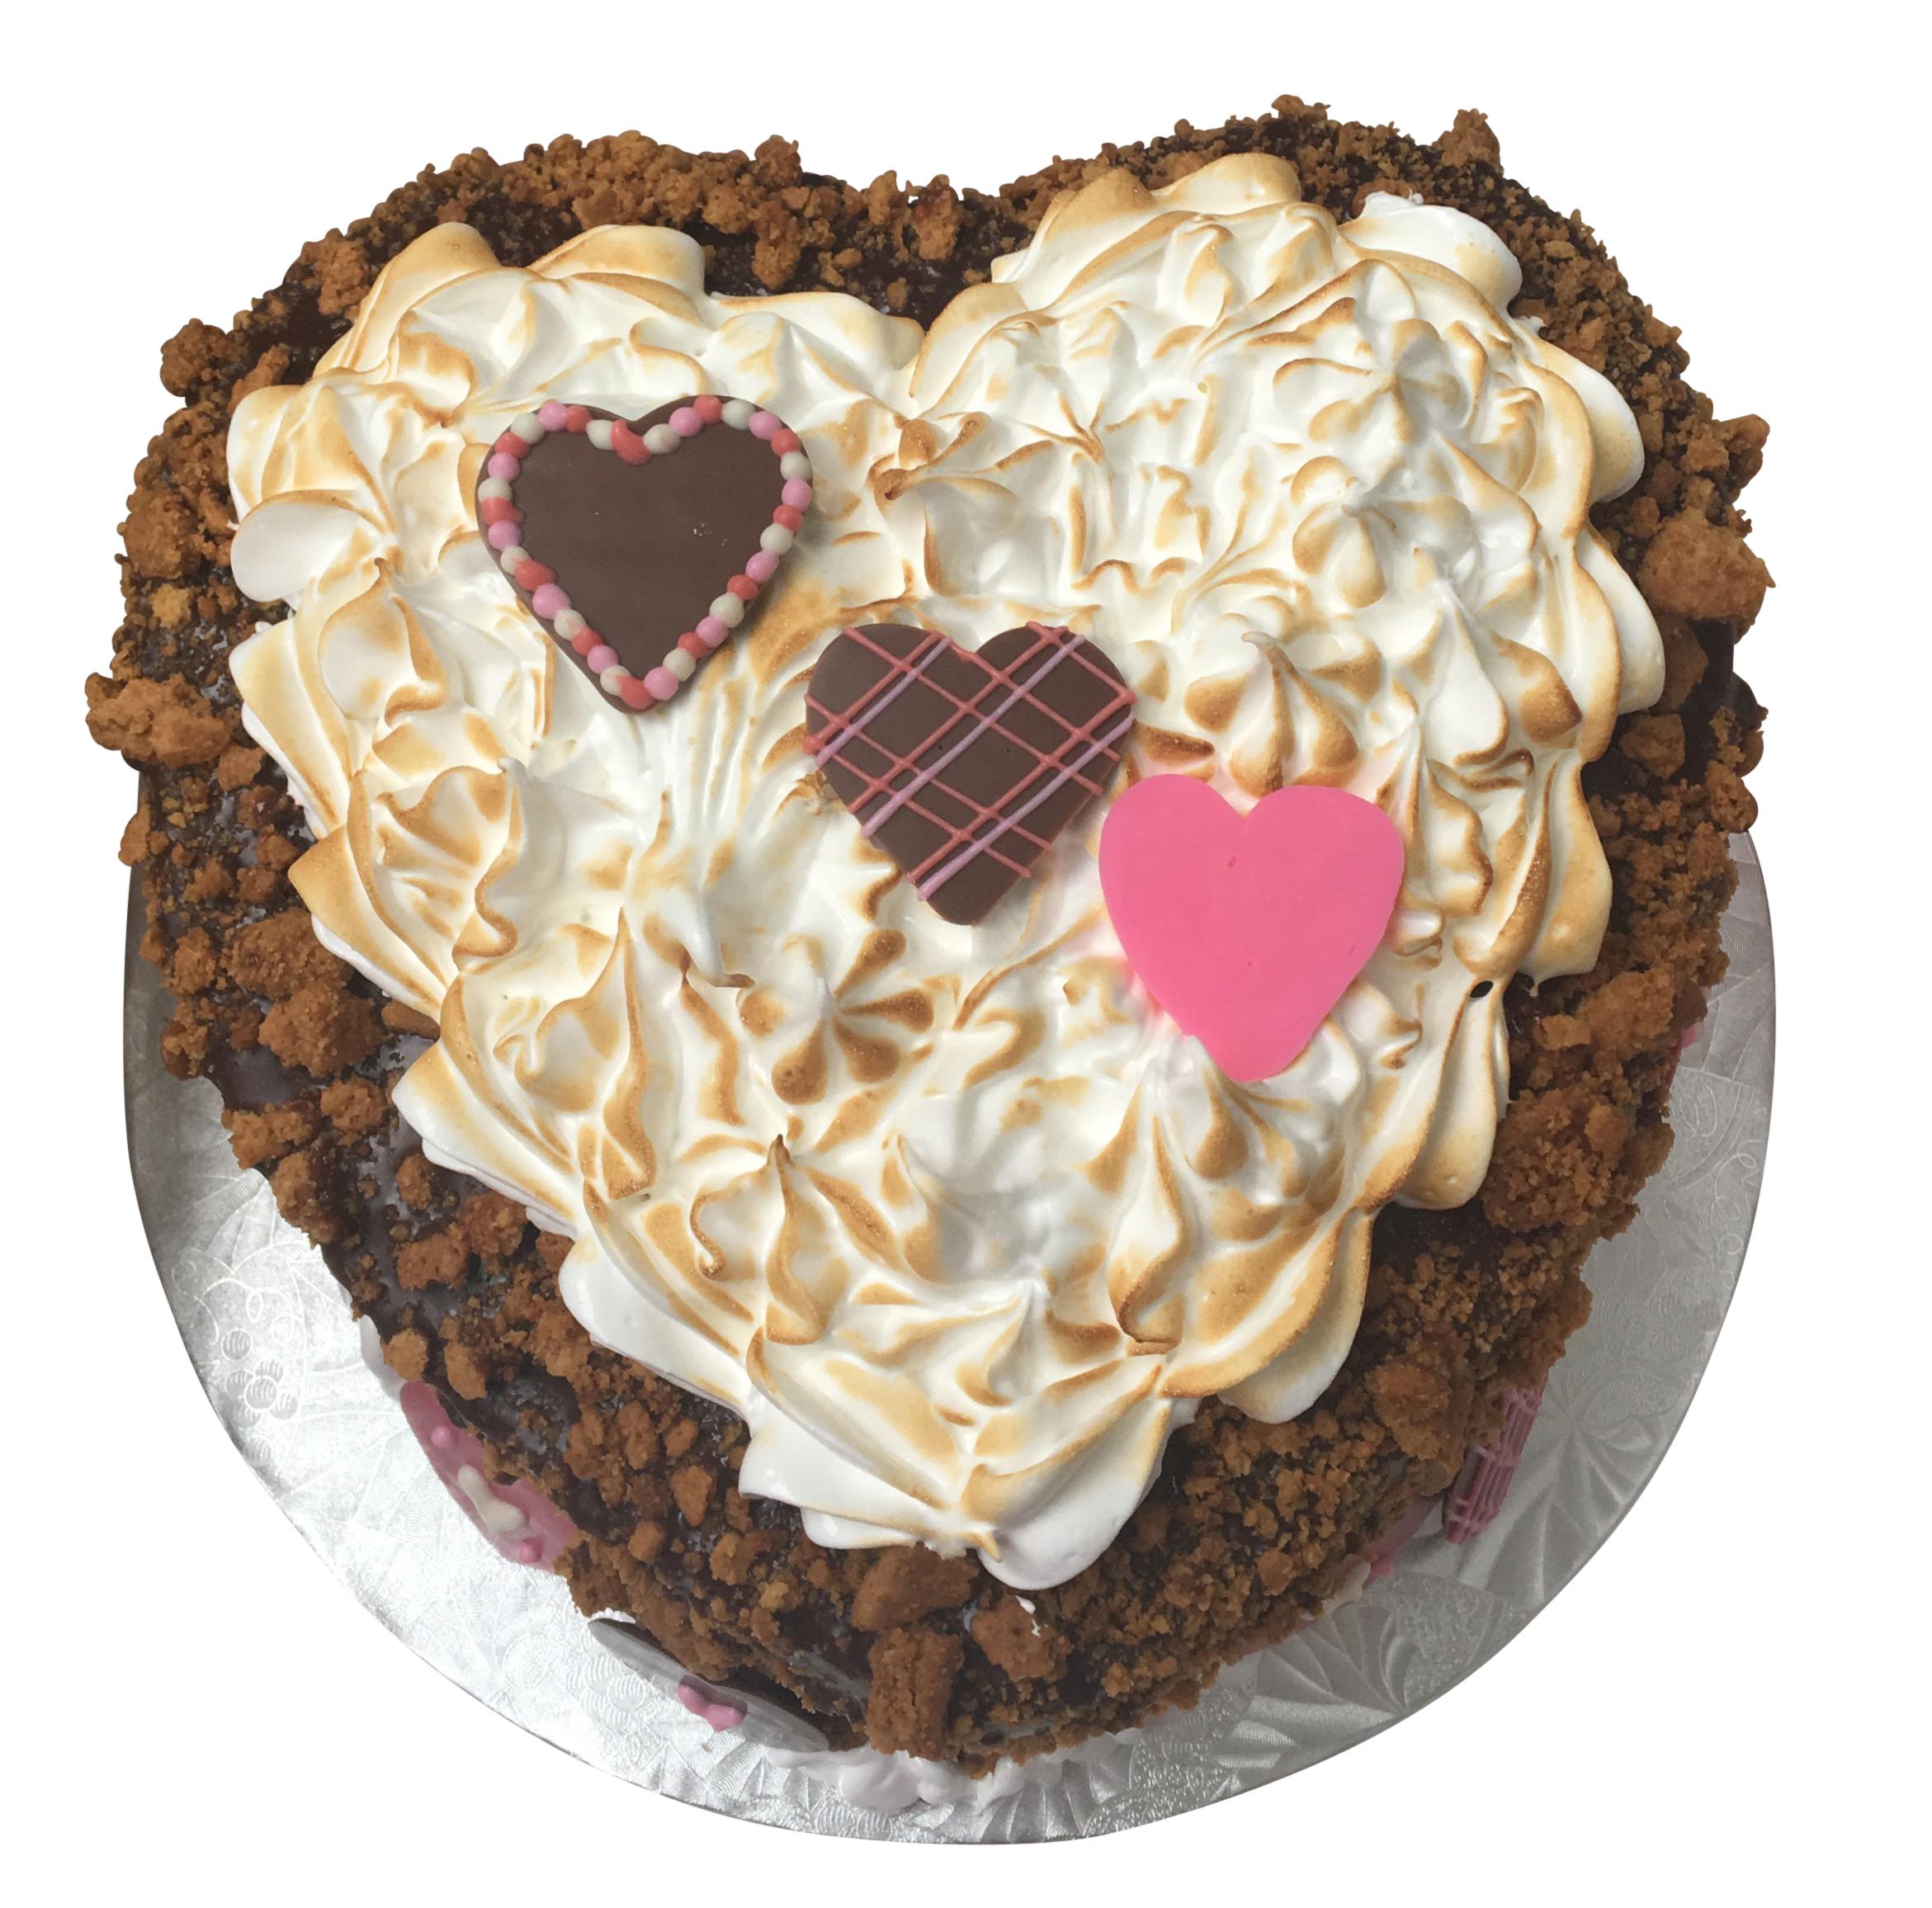 BeBe-Cakes-VdayCake1.jpg